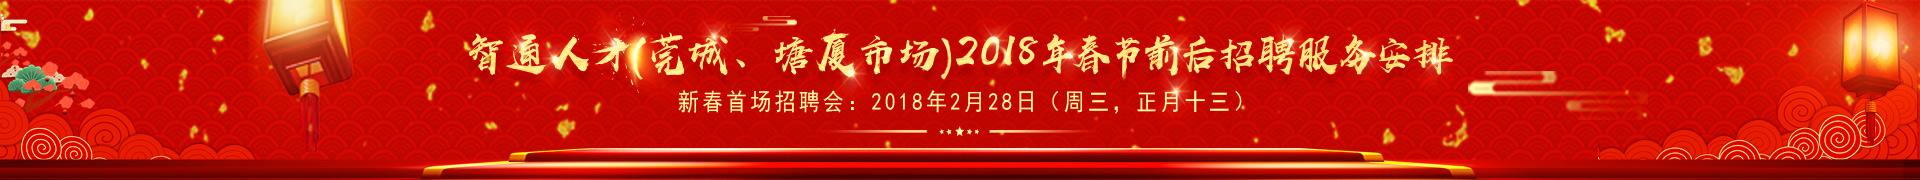 2018年新春放假安排